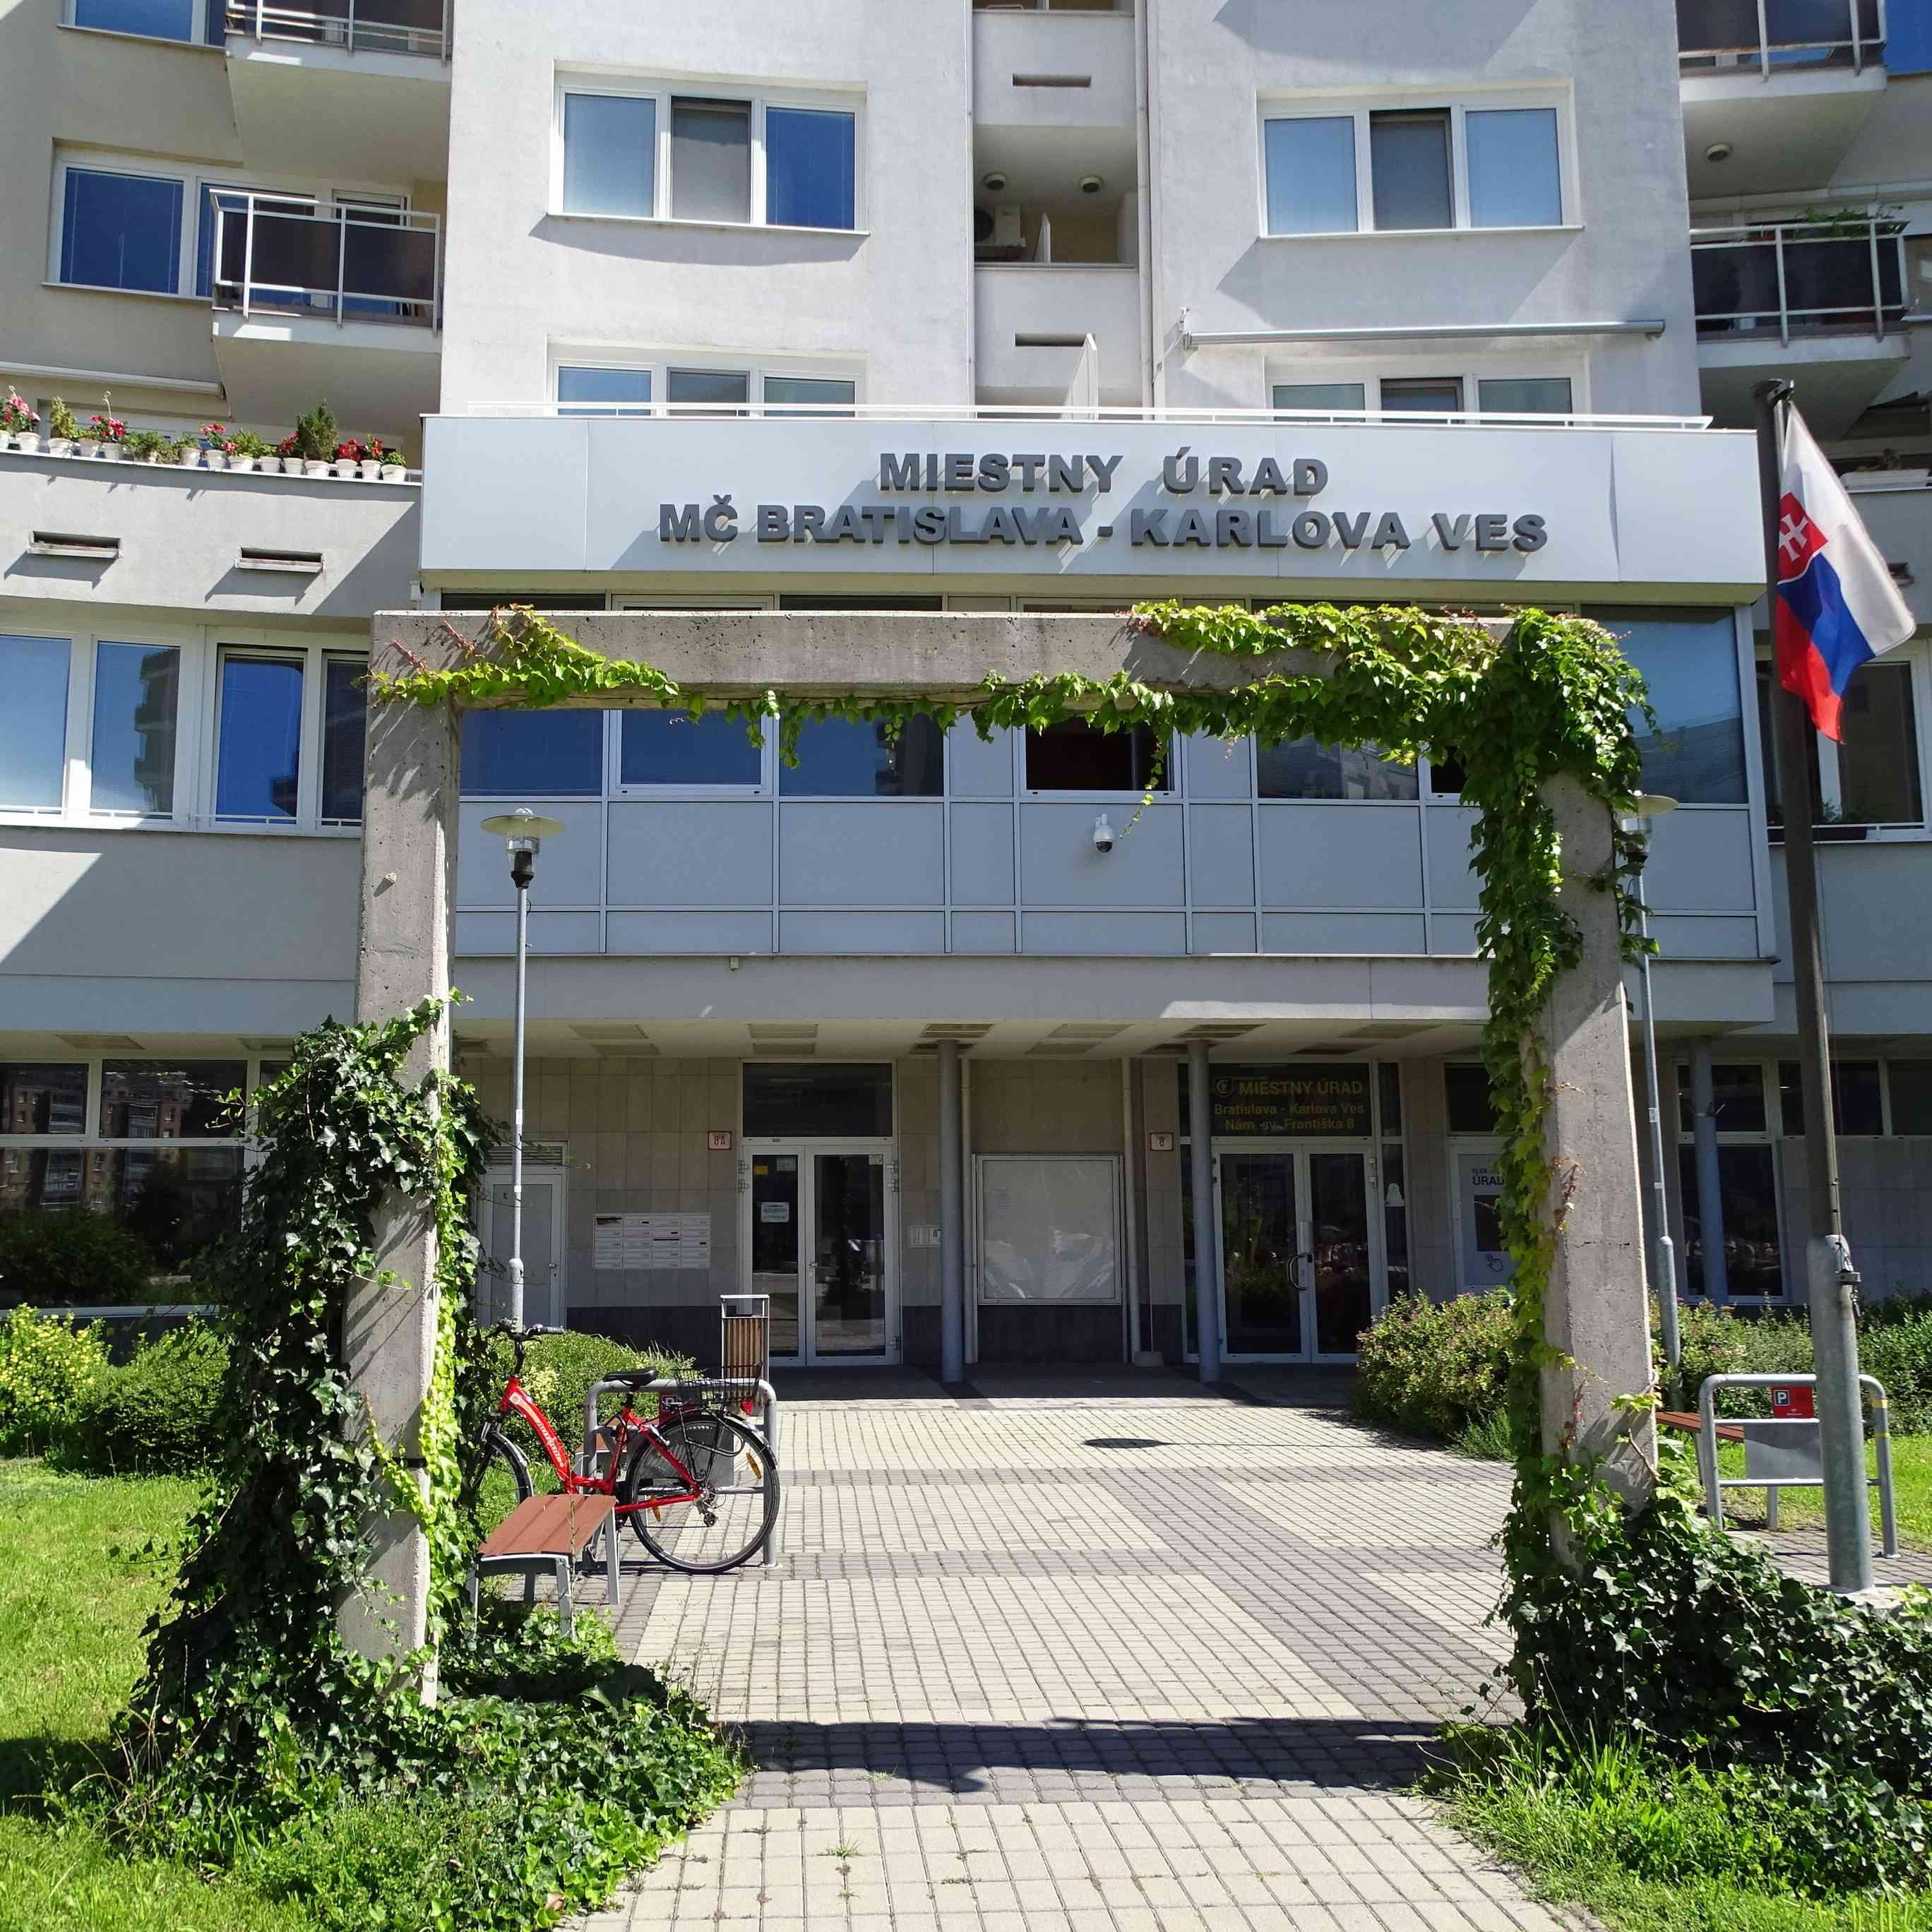 Miestny úrad hľadá referenta investícií